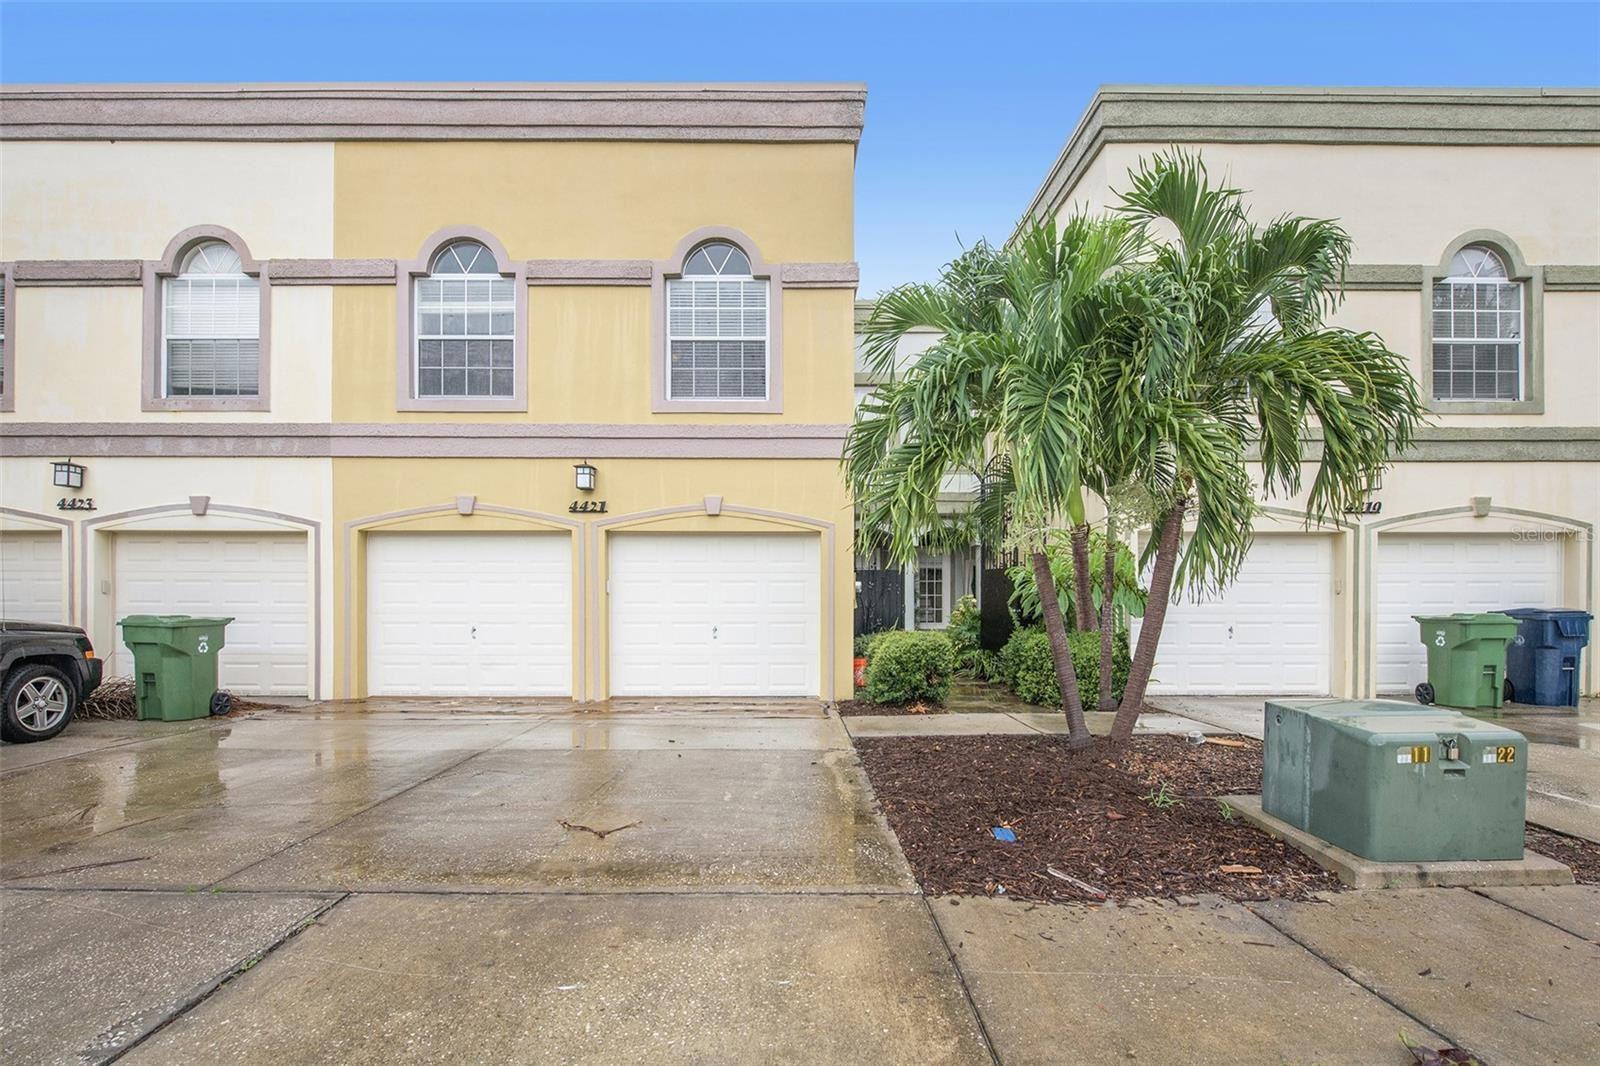 4421 W NORTH A STREET, Tampa, FL 33609 - #: O5962551